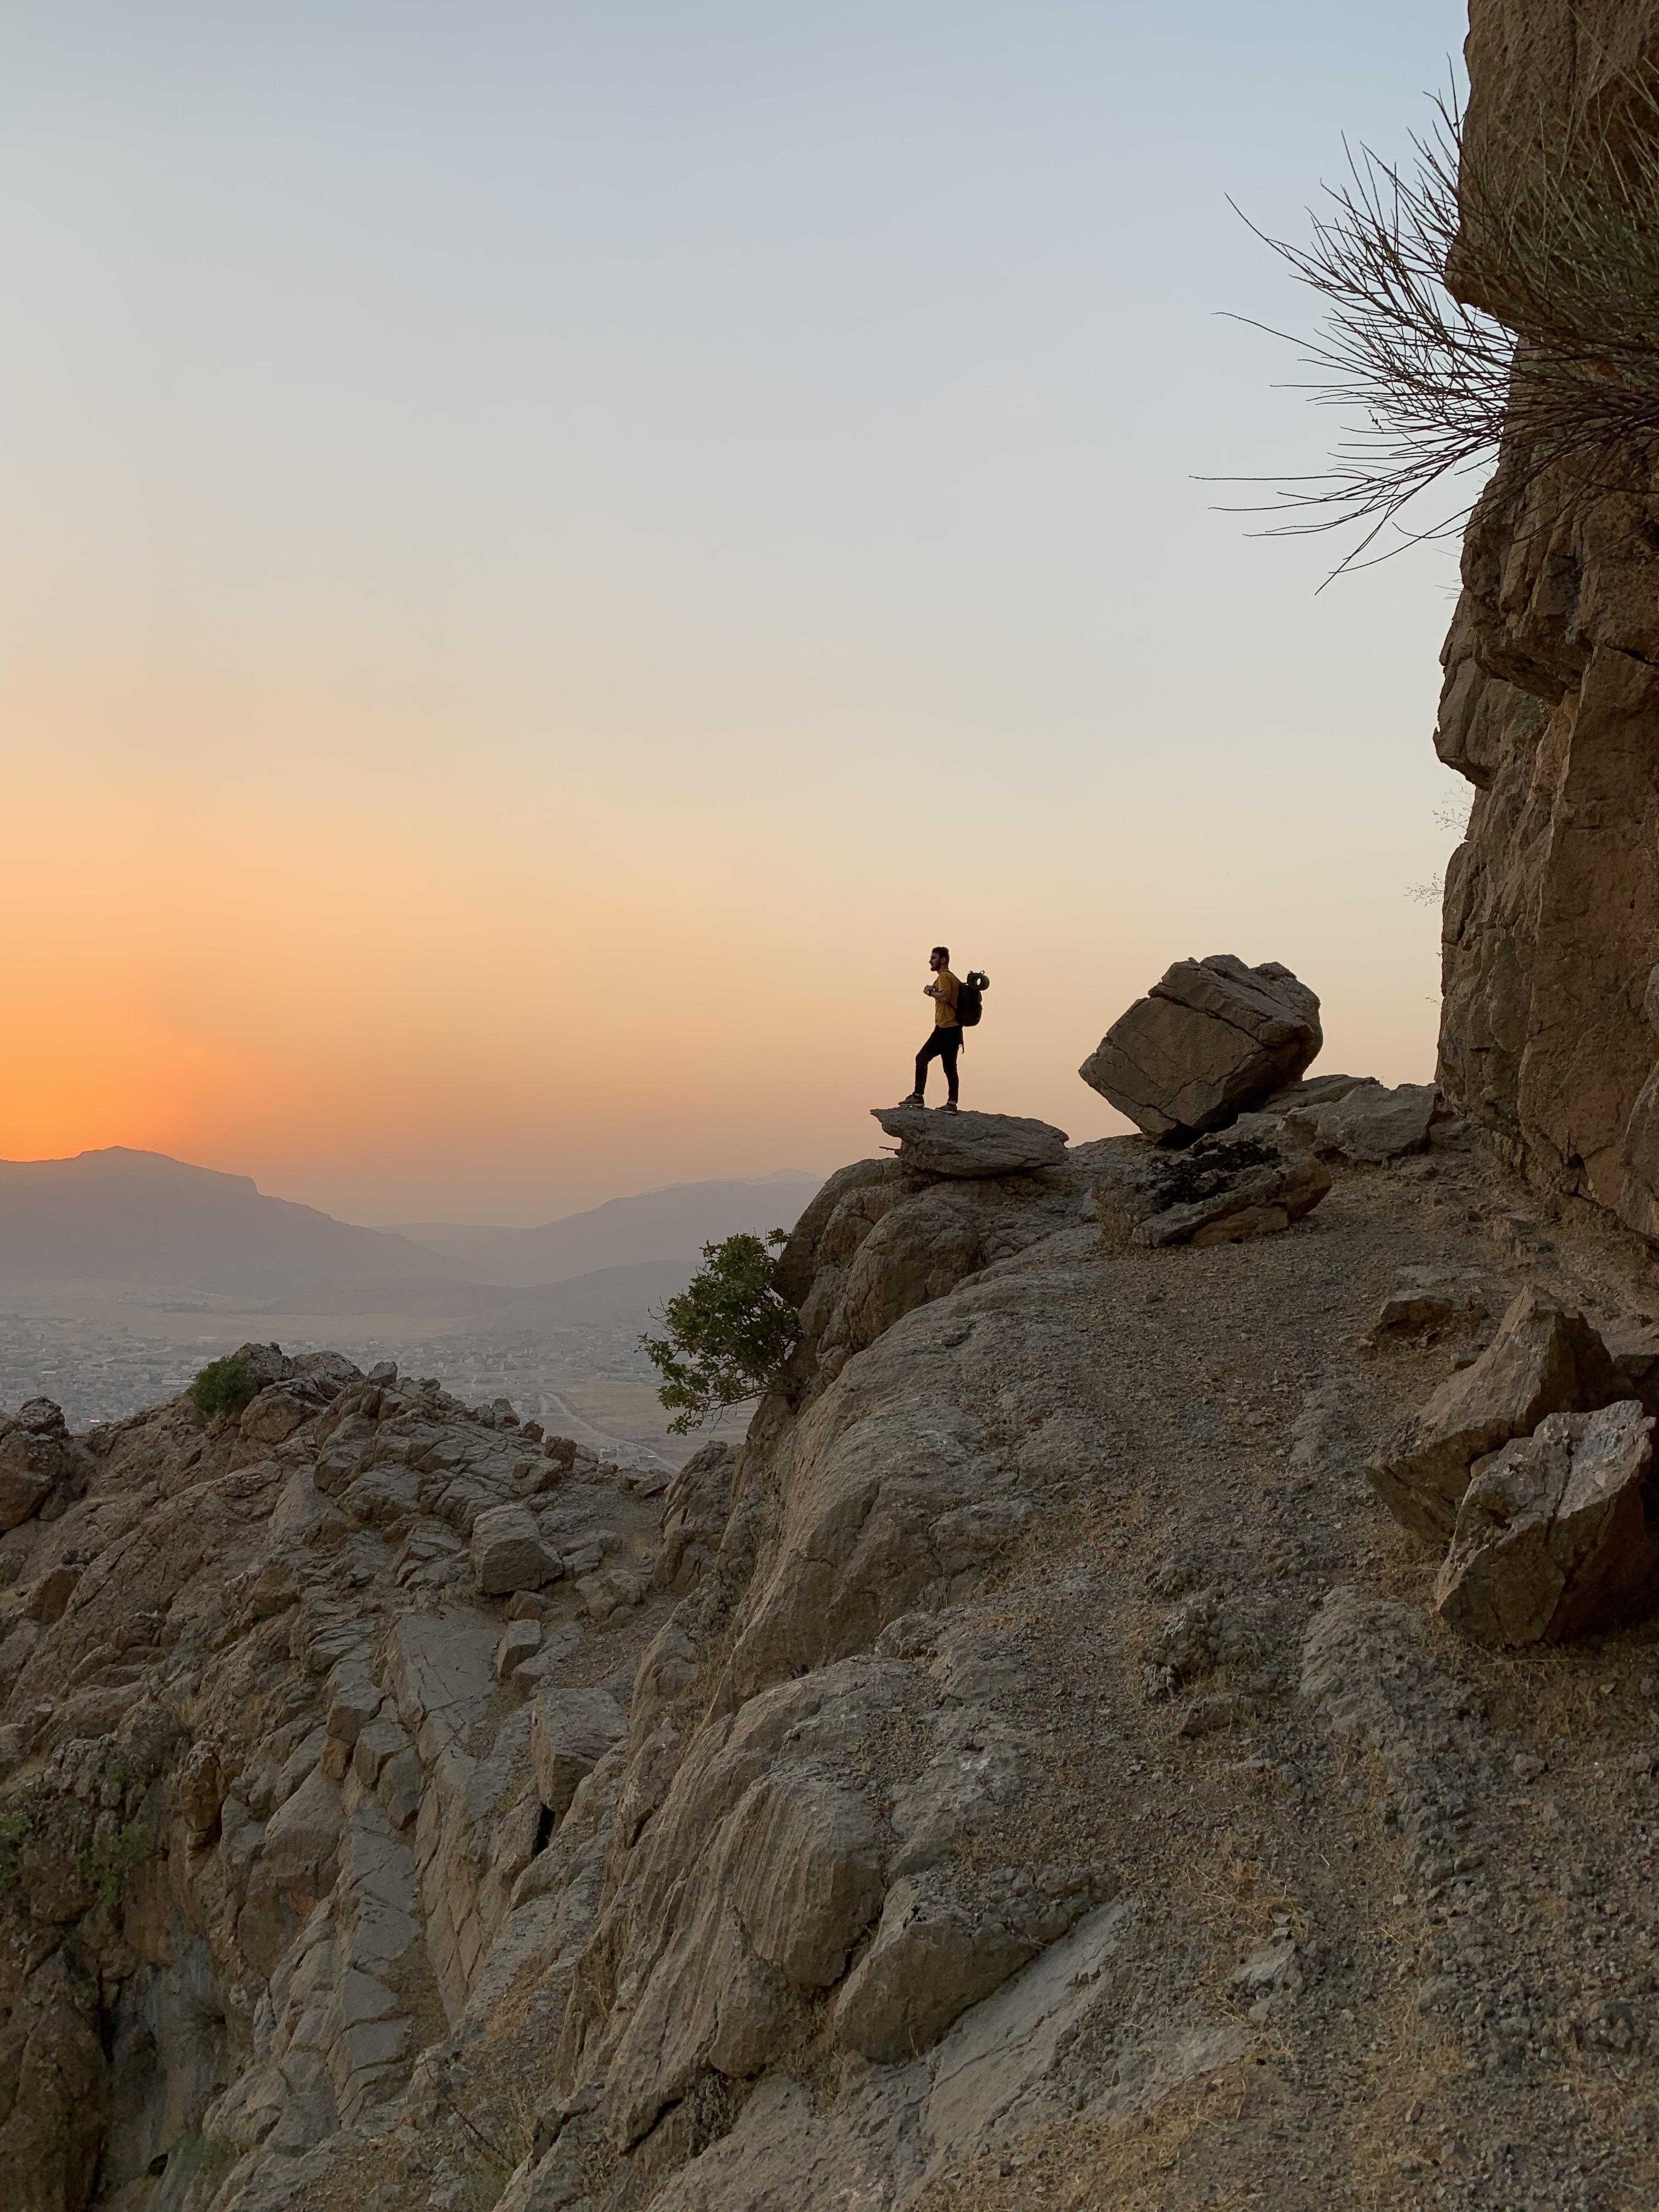 kto je ASA pochádzajúce z šírvánšáhov západu slnka 2016